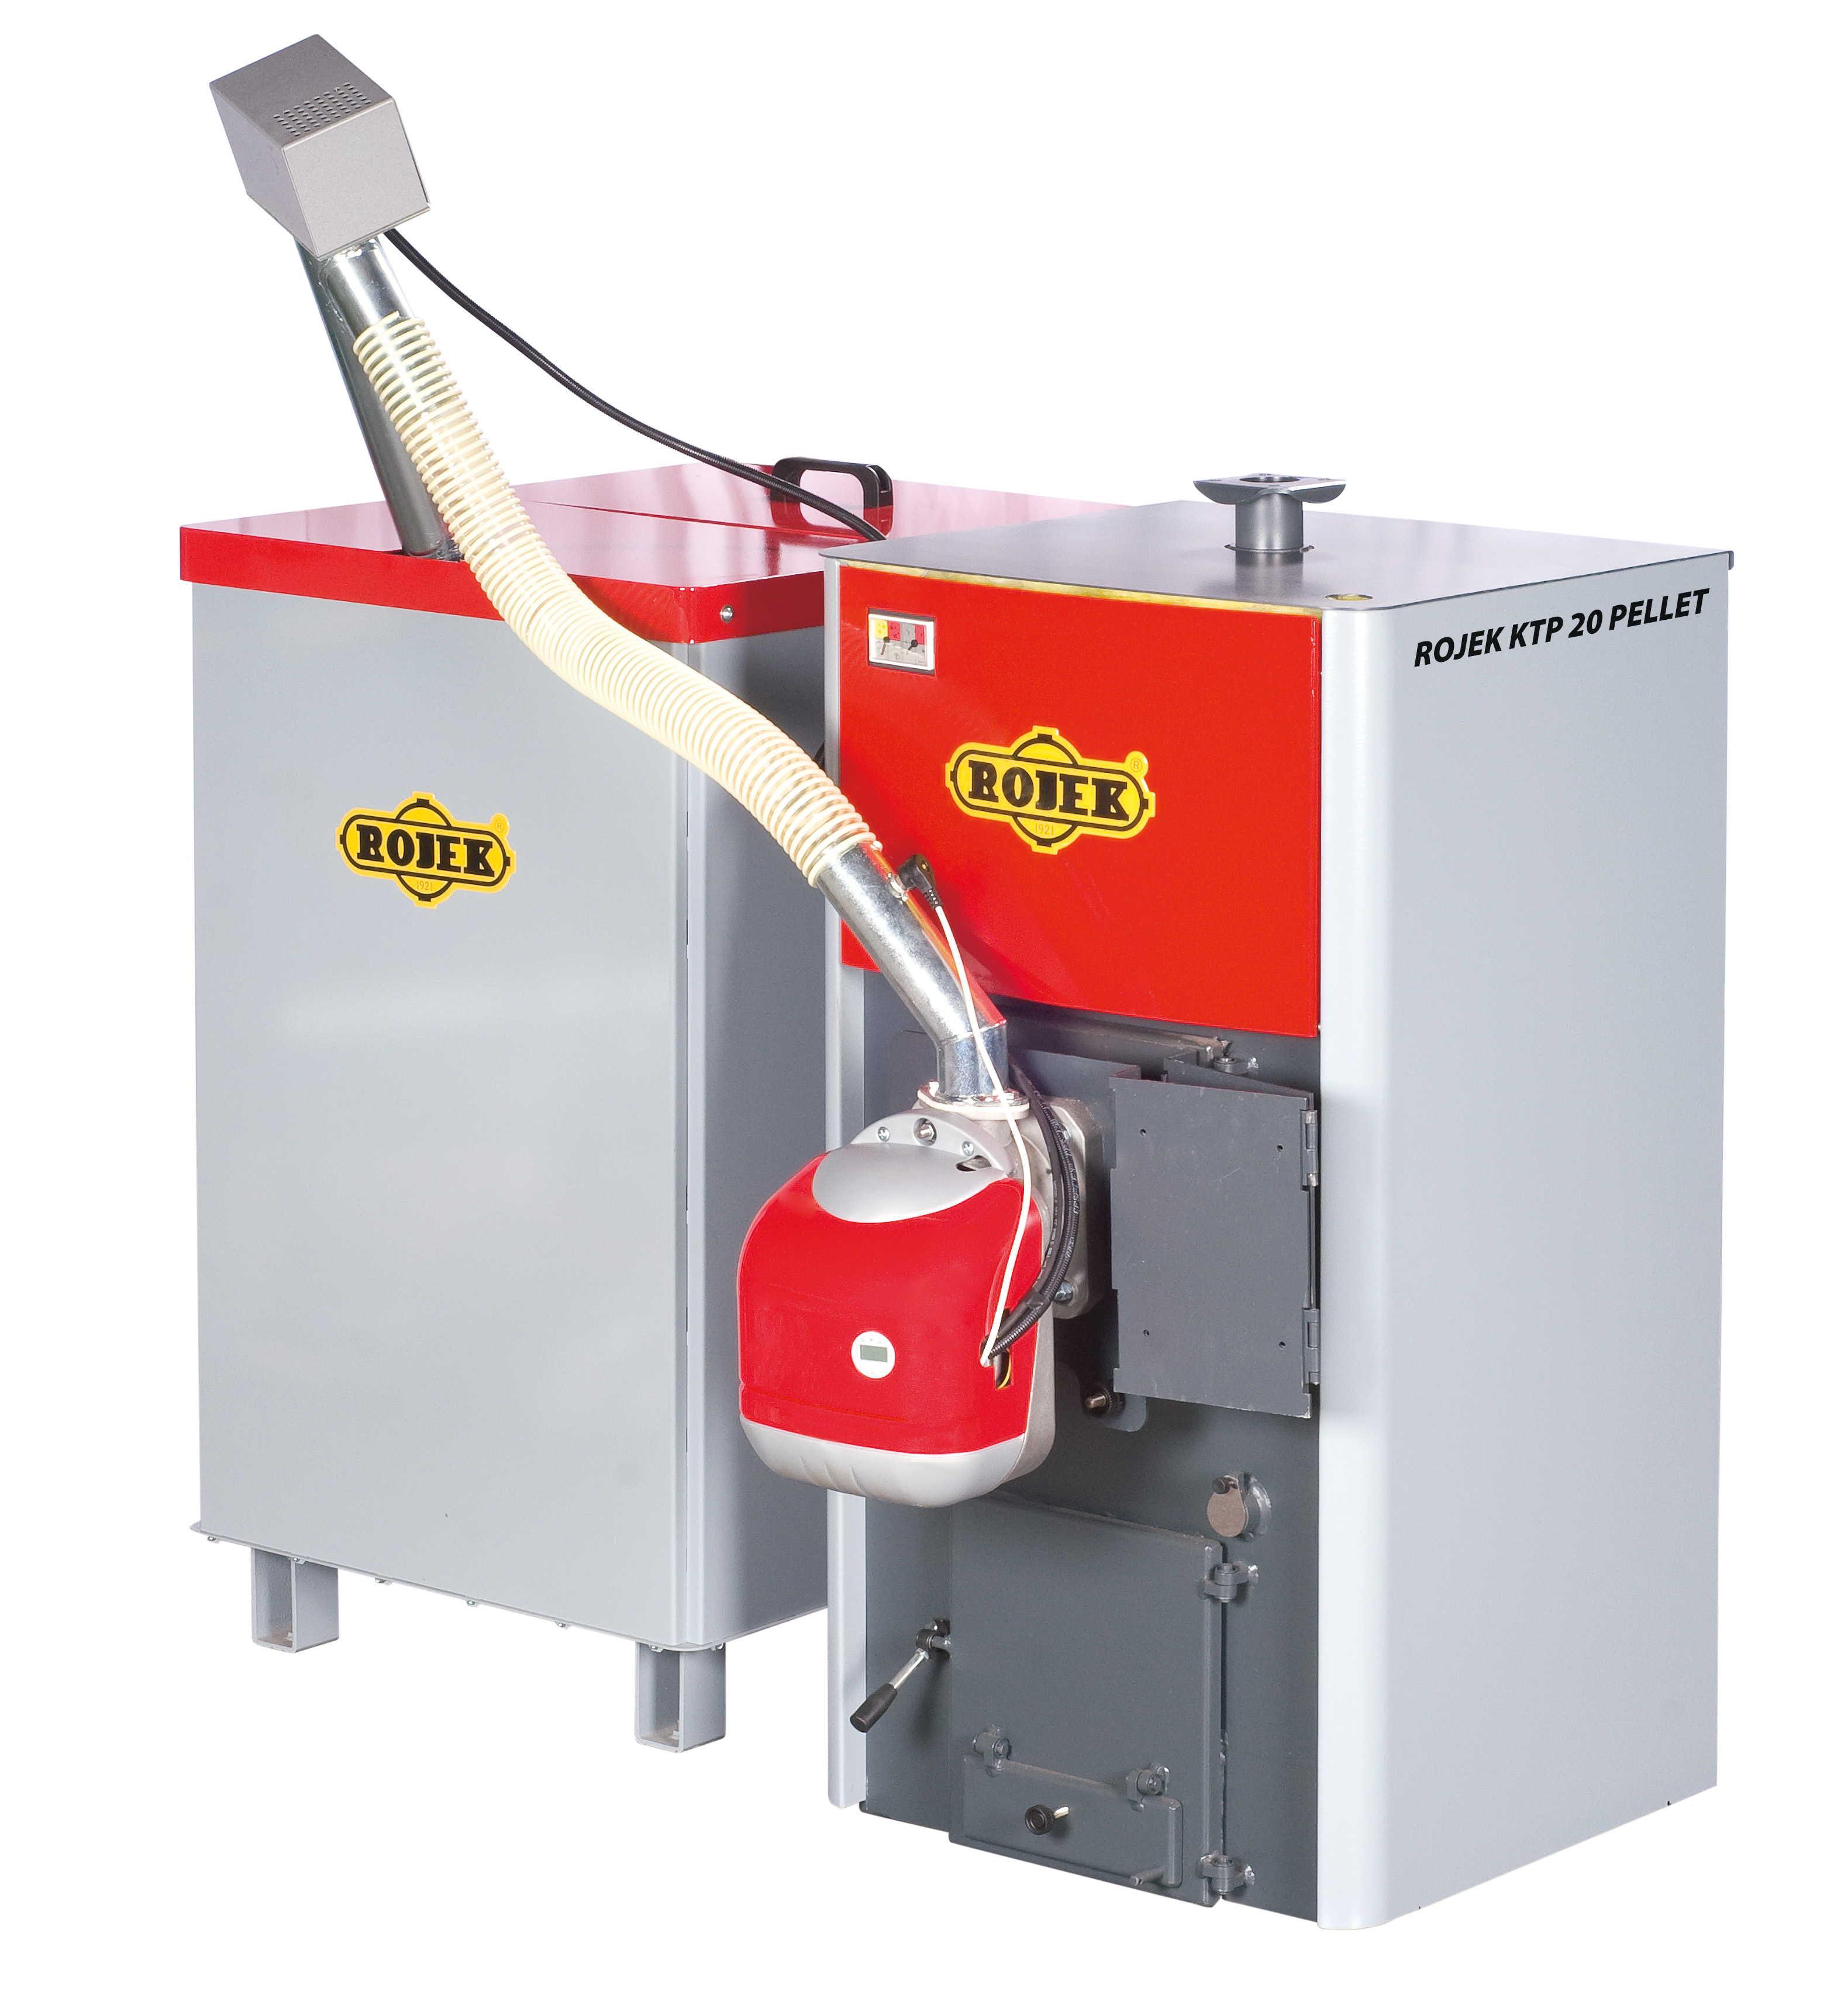 KTP 20 PELLET - automatický teplovodní kotel na dřevěné pelety